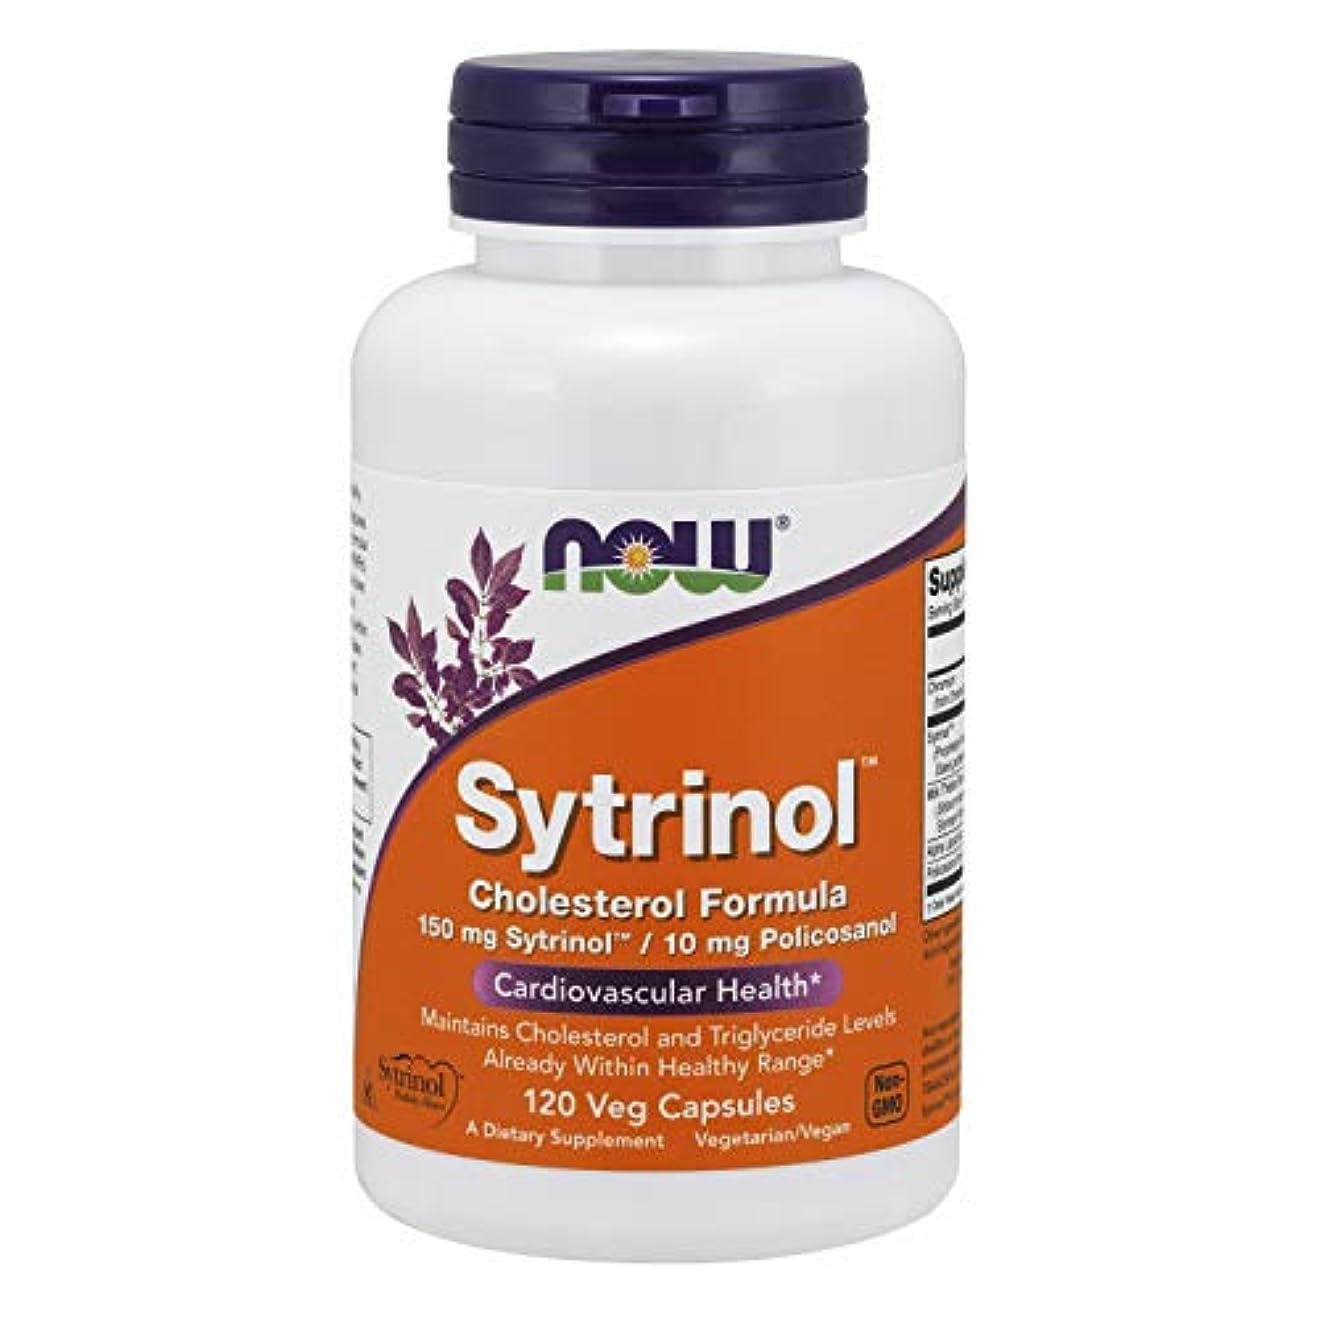 定期的にためらうトラブル海外直送品 Now Foods Sytrinol, 120 Vcaps 150 mg